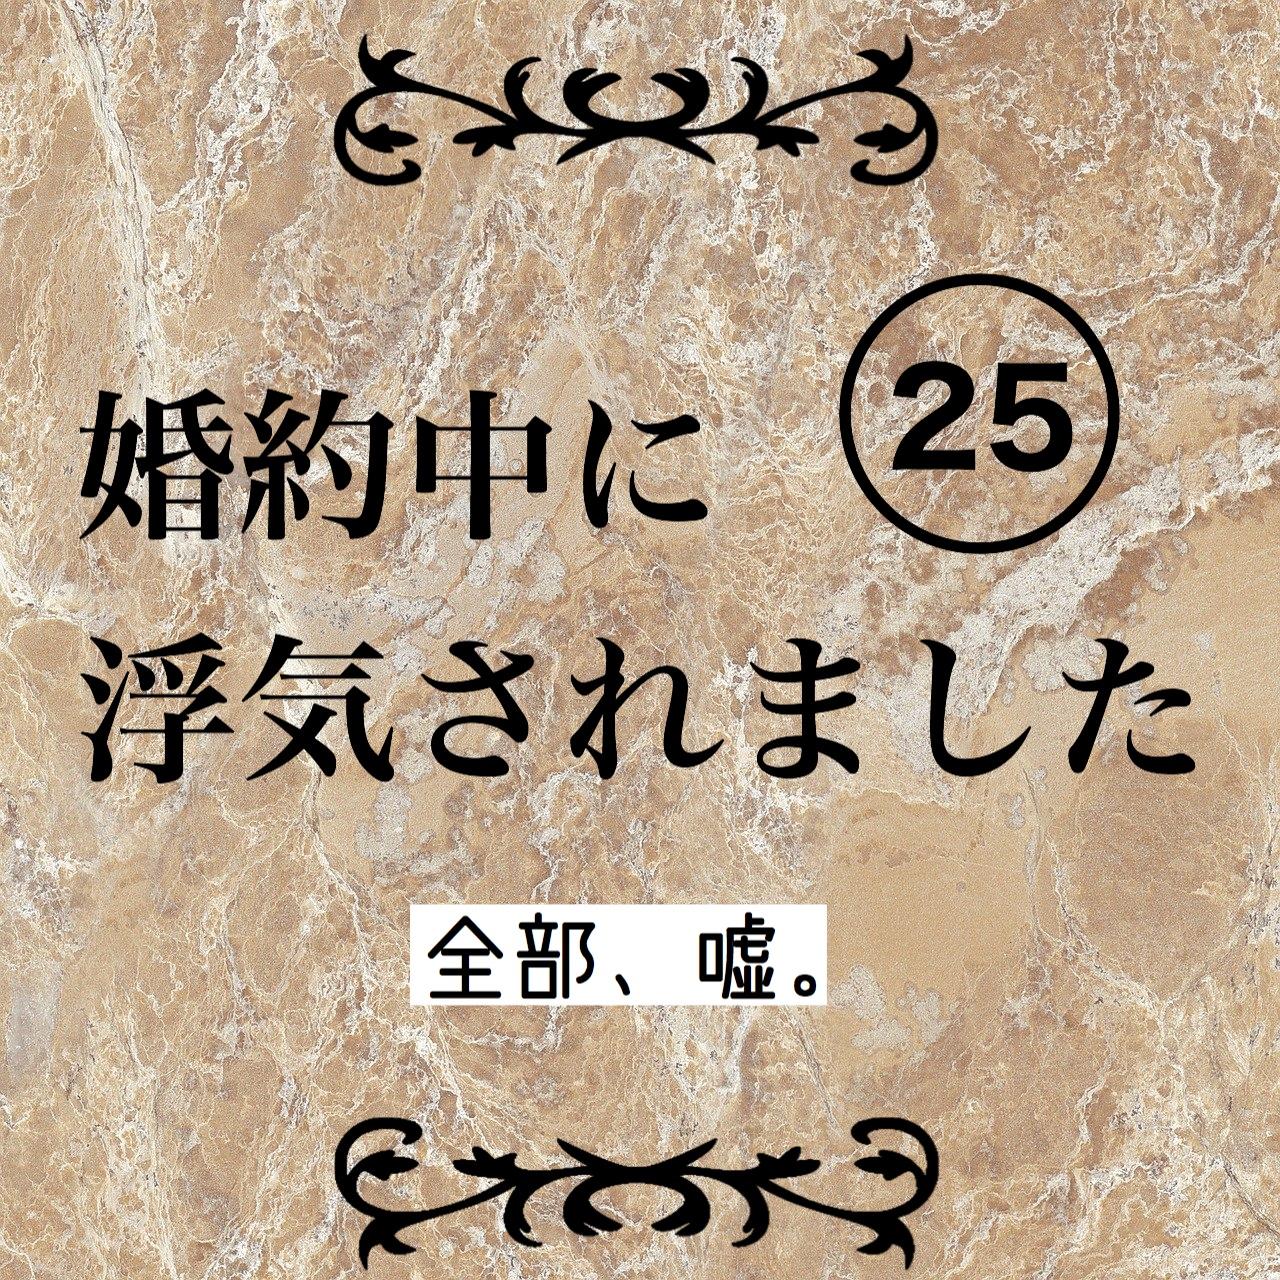 婚 25 ウソ ネタバレ